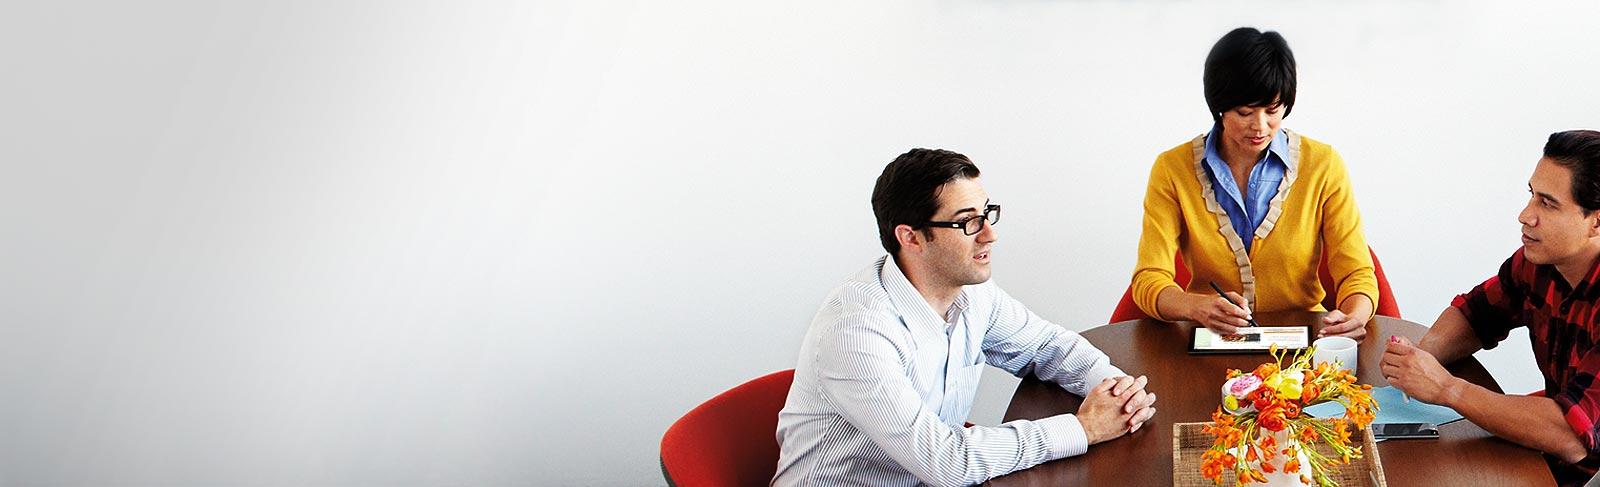 Dapatkan email, situs, dan konferensi gratis untuk organisasi Anda dengan Office 365 Nirlaba.